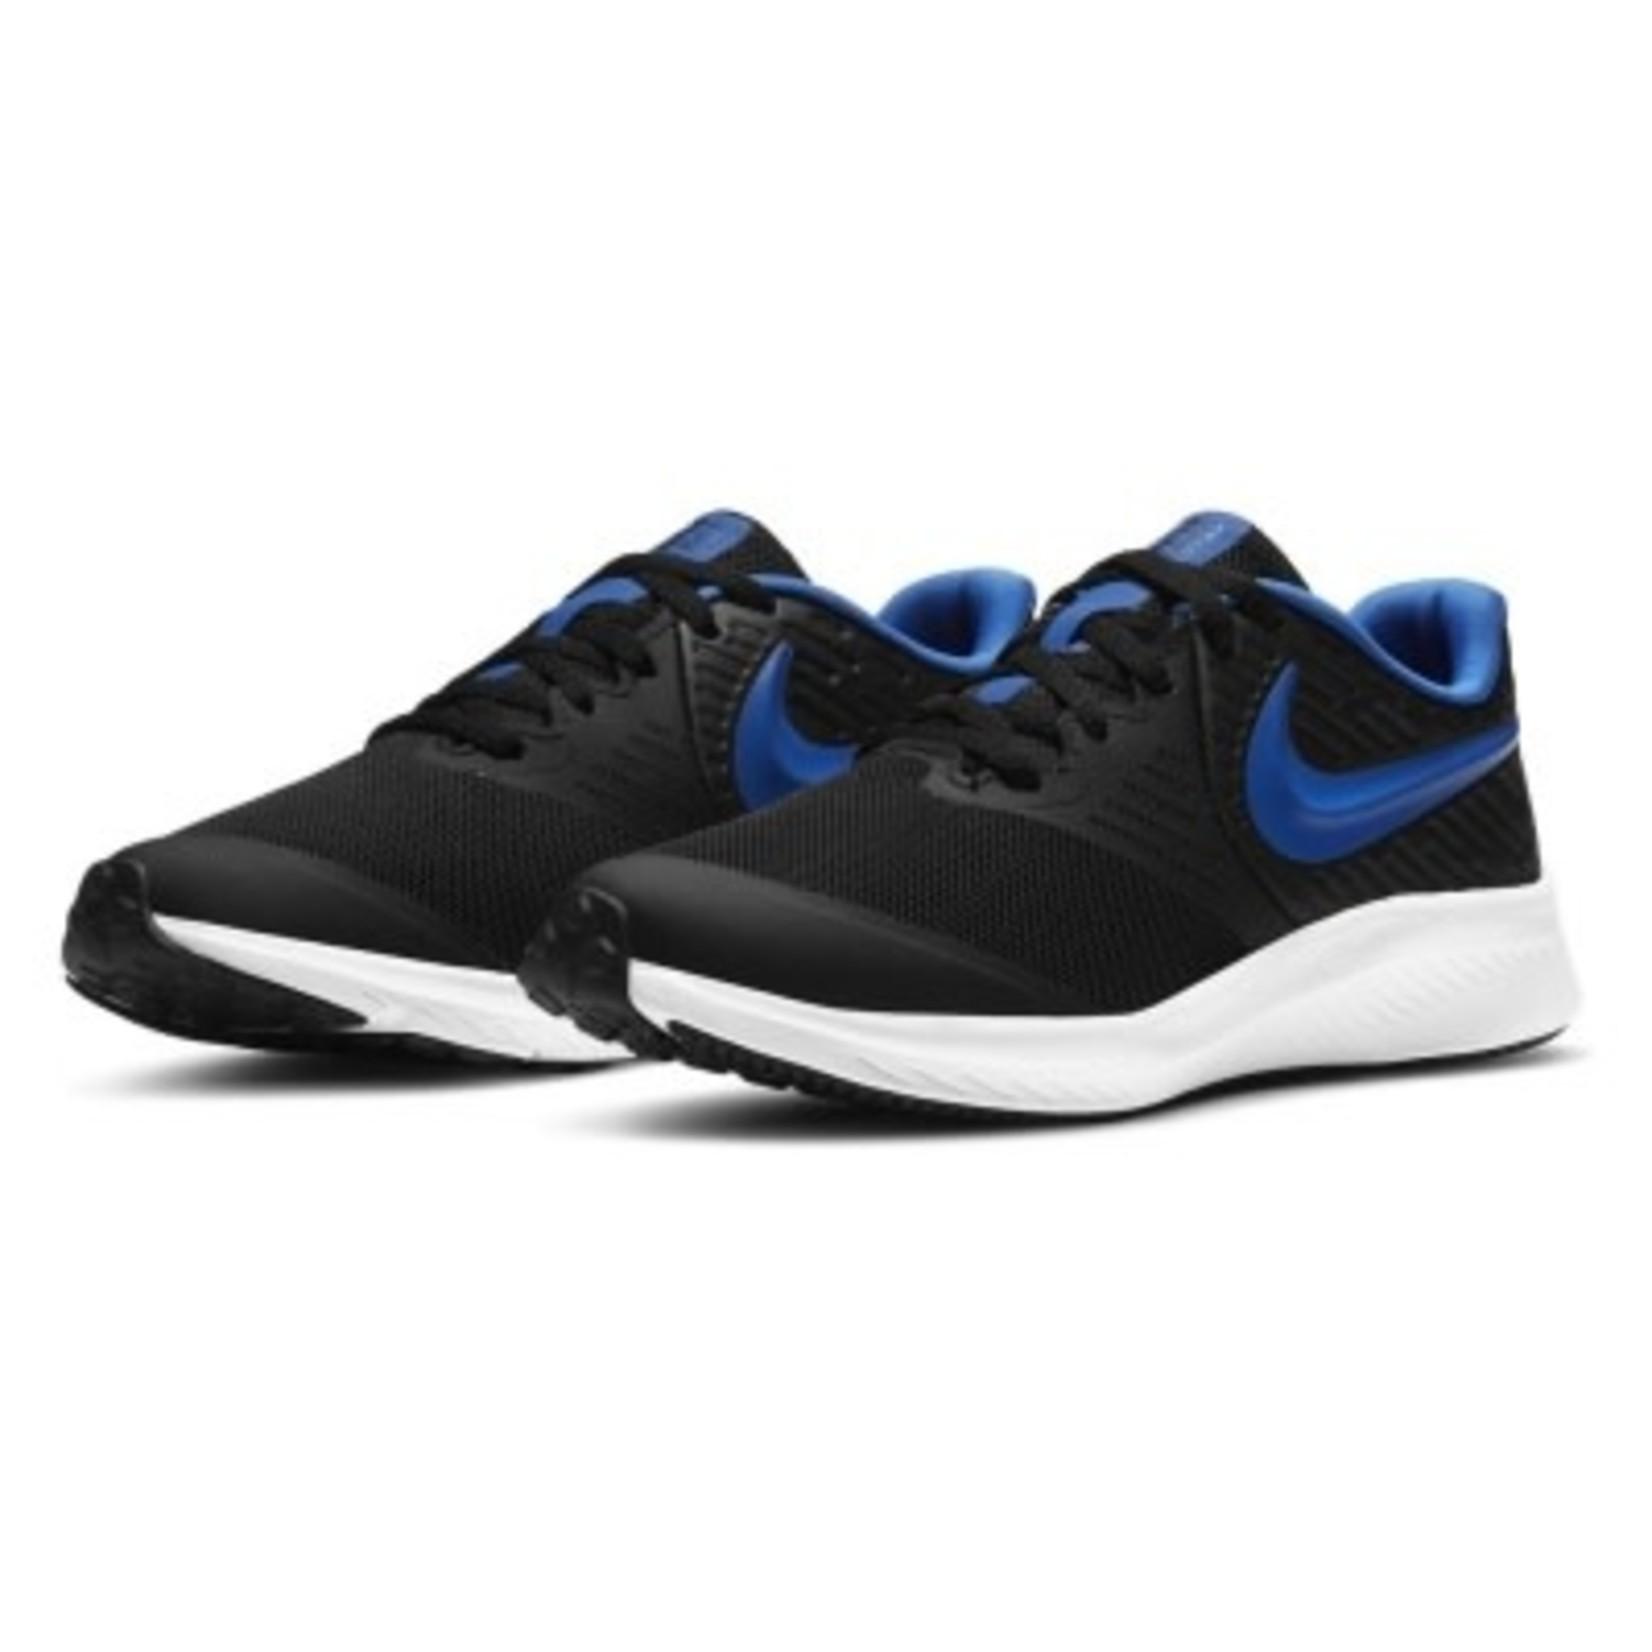 Nike Nike Running Shoes, Star Runner 2, BGS, Boys